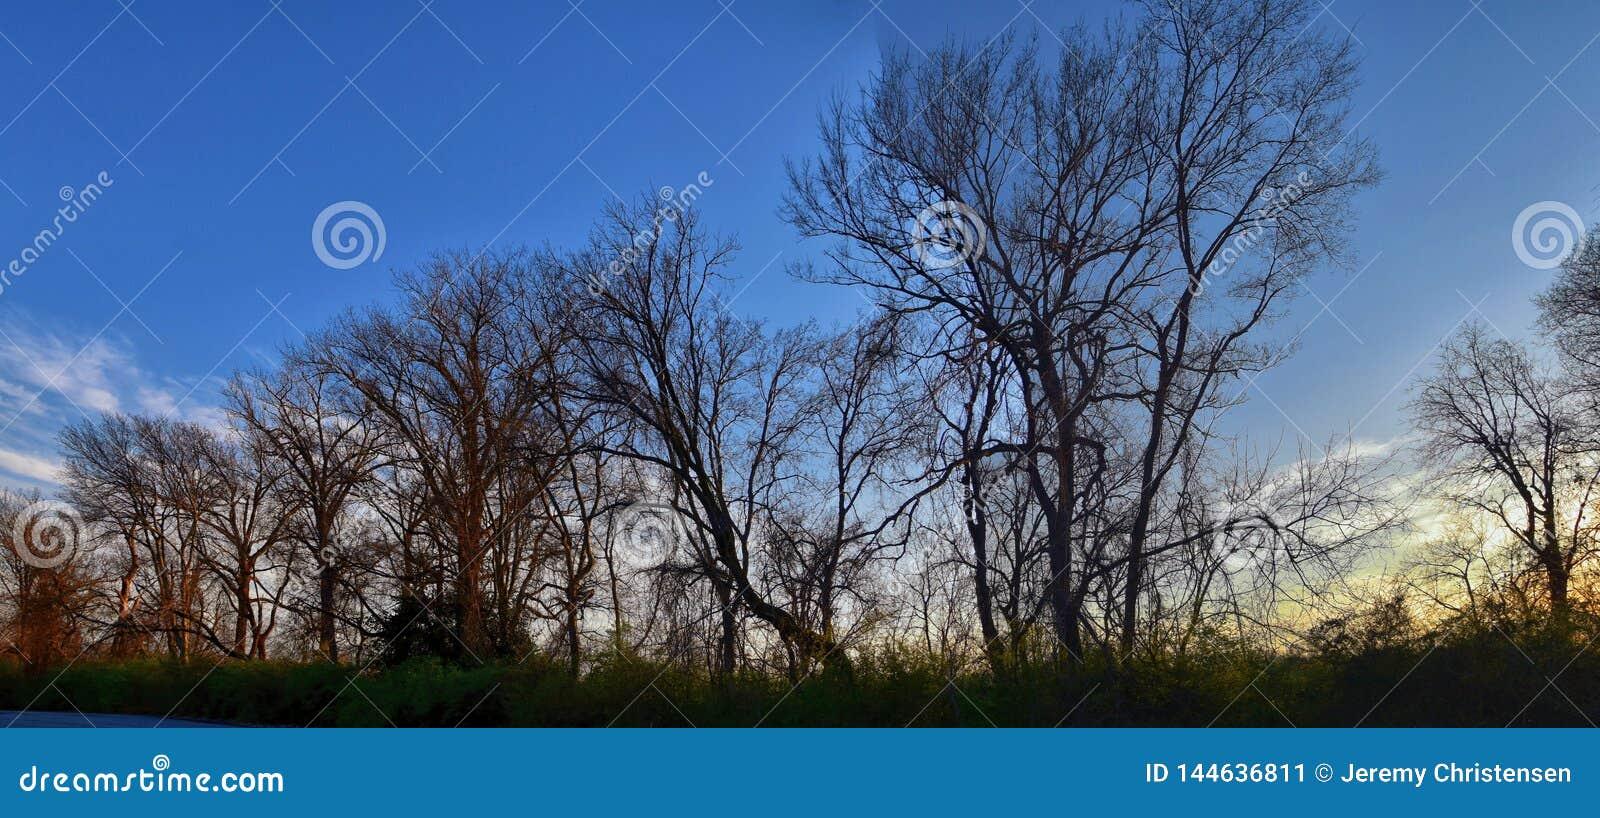 黄昏日落视图通过冬天树枝沿谢尔比底部林荫道路和自然区域坎伯兰河,Na的Opryland